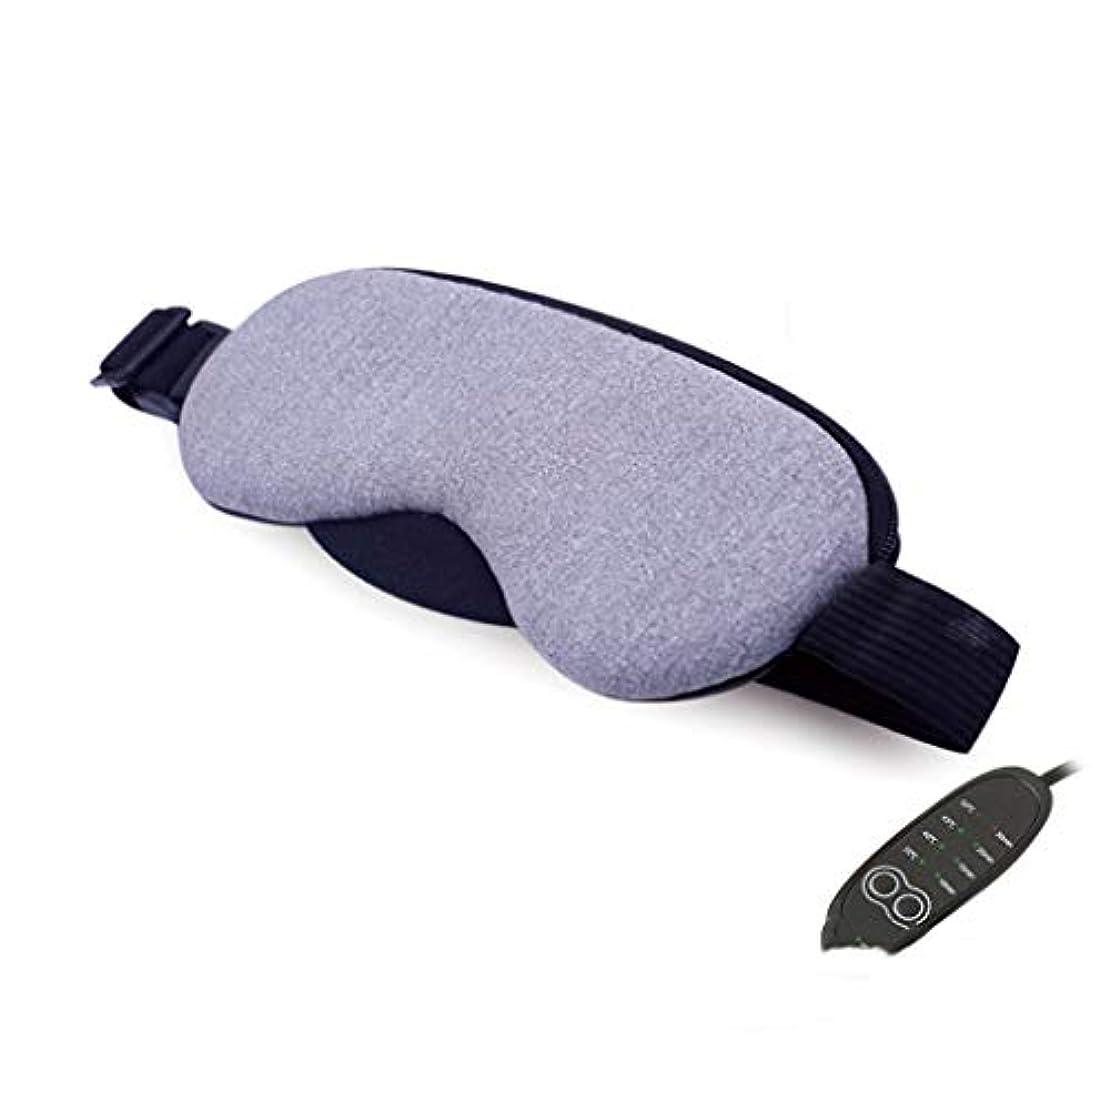 神聖筋姪加熱アイマッサージ - コットンアイマスク、暖かい夜のマッサージマスク、電気USB暖房パッド、調節可能な温度調節、眼瞼炎を和らげるように設計された、乾燥、ストレスのある、腫れぼったい目